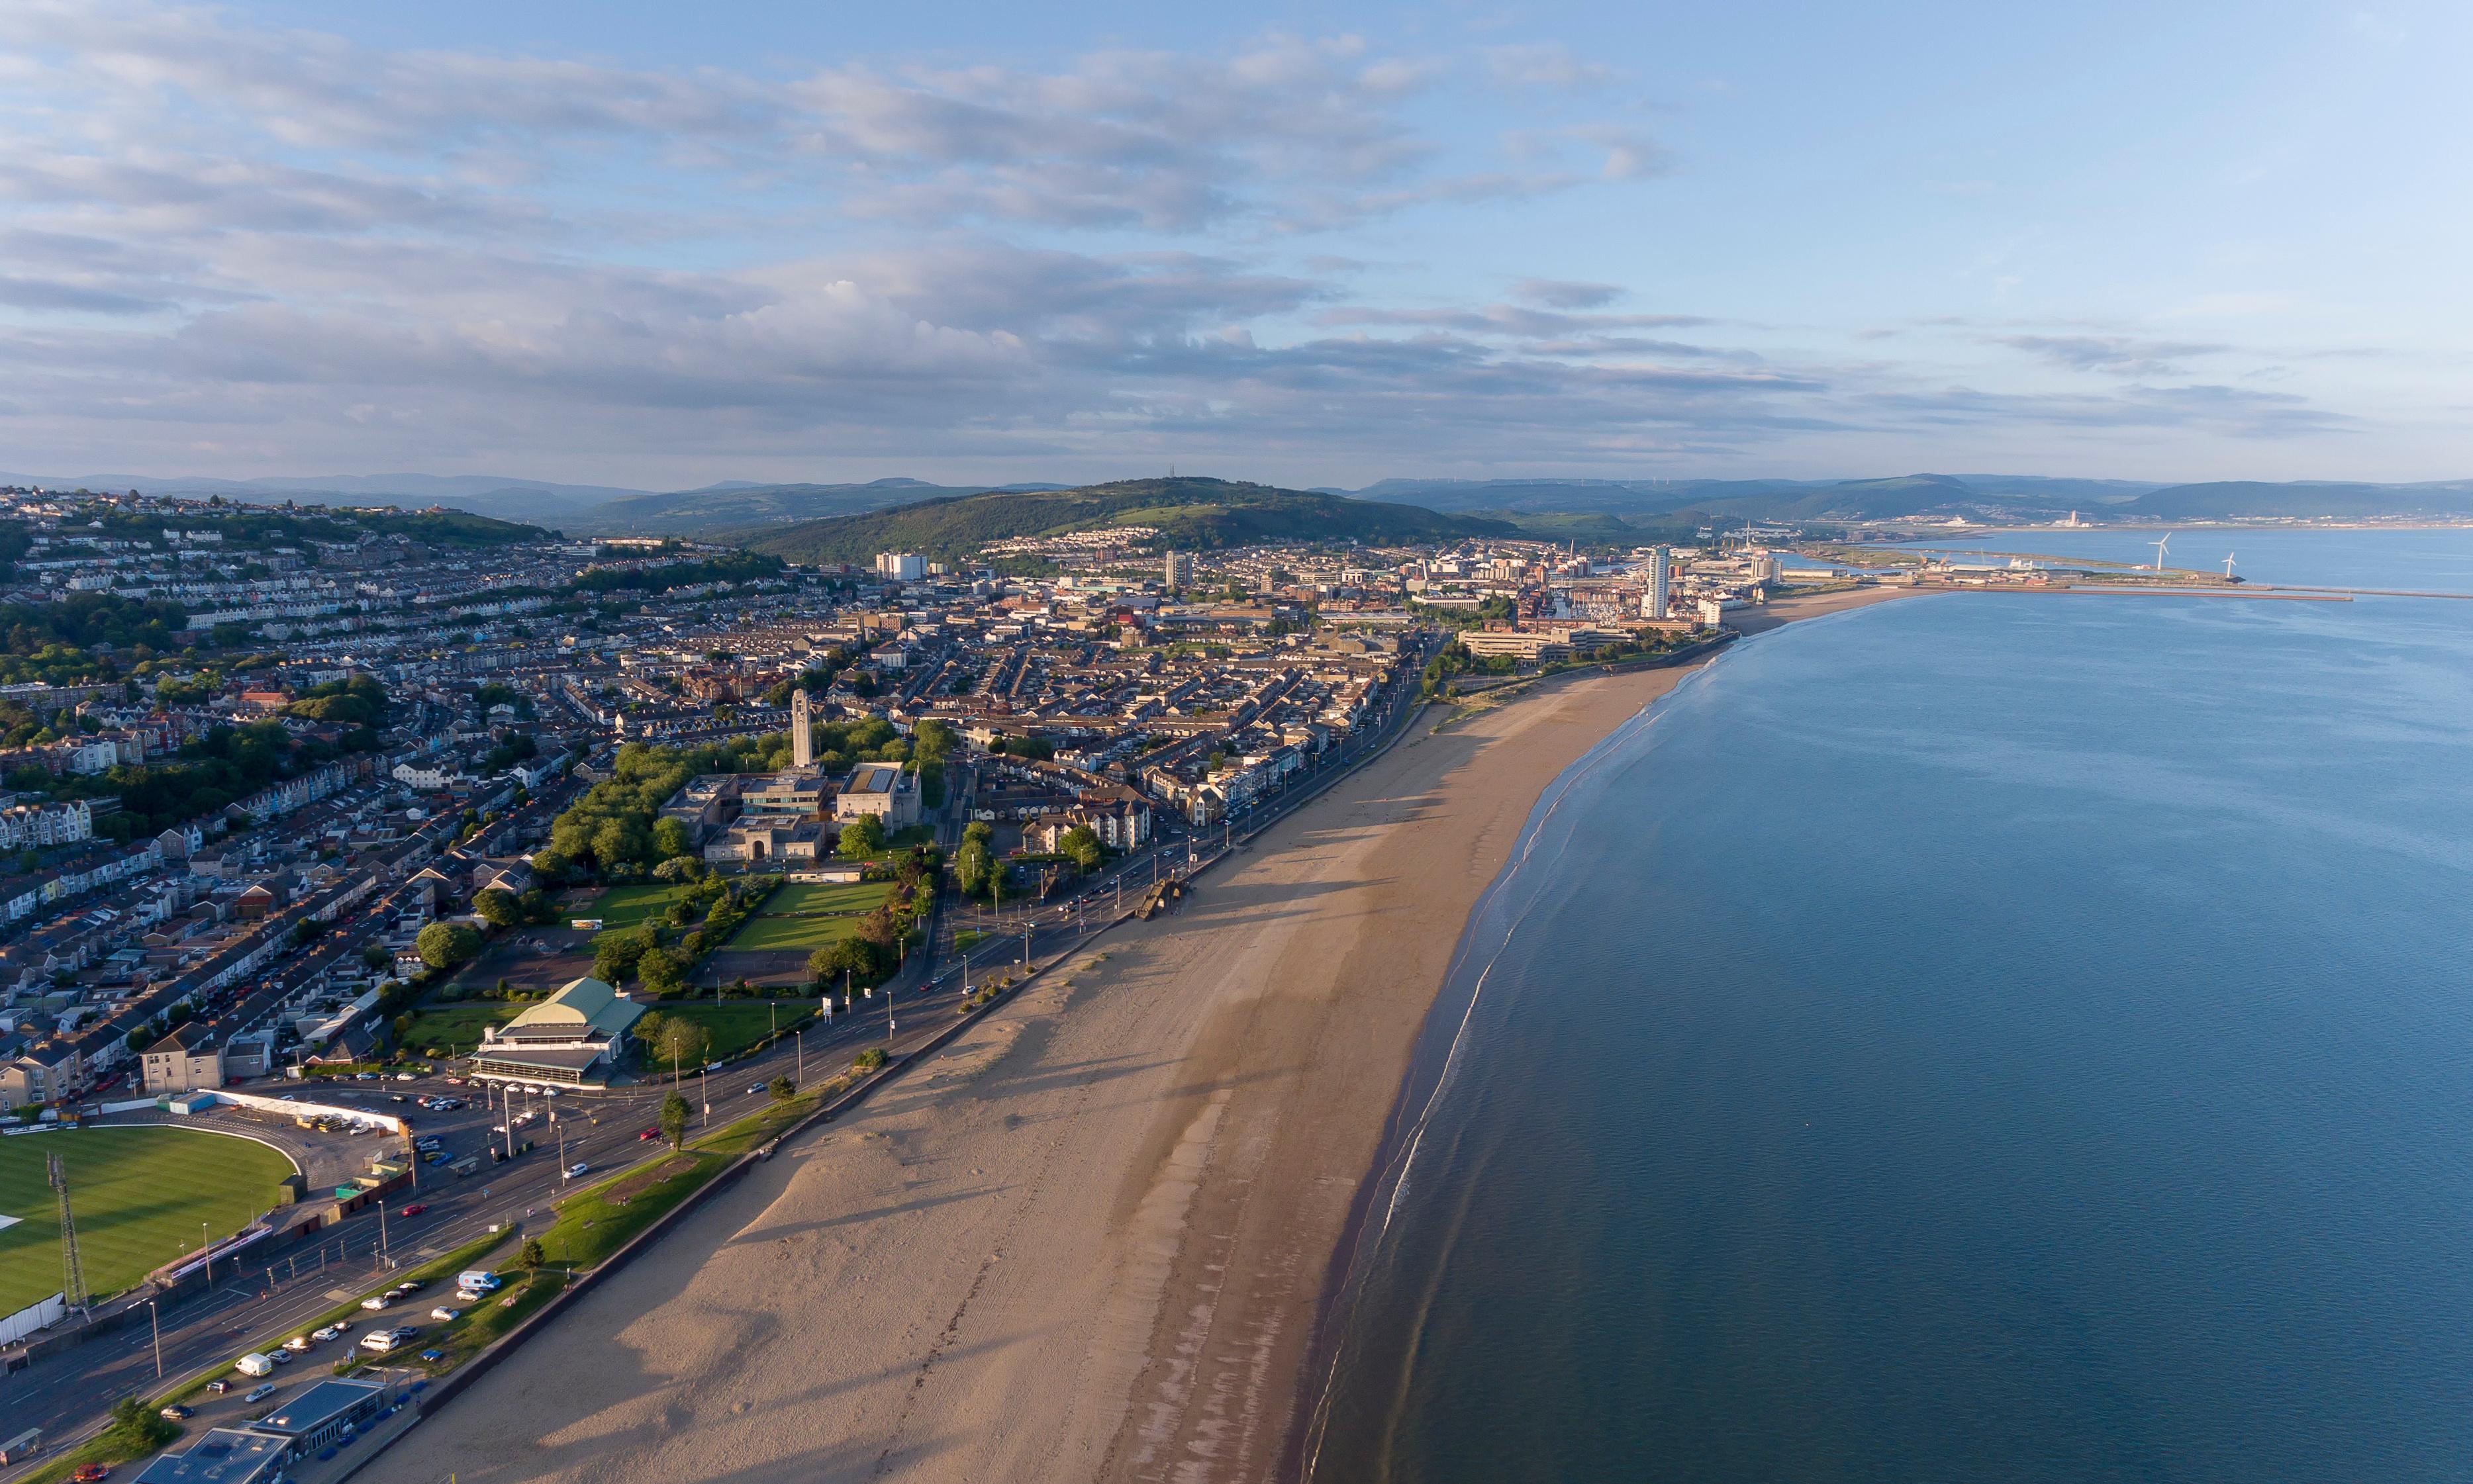 Strolling in Swansea: take a dander in Dylan's footsteps